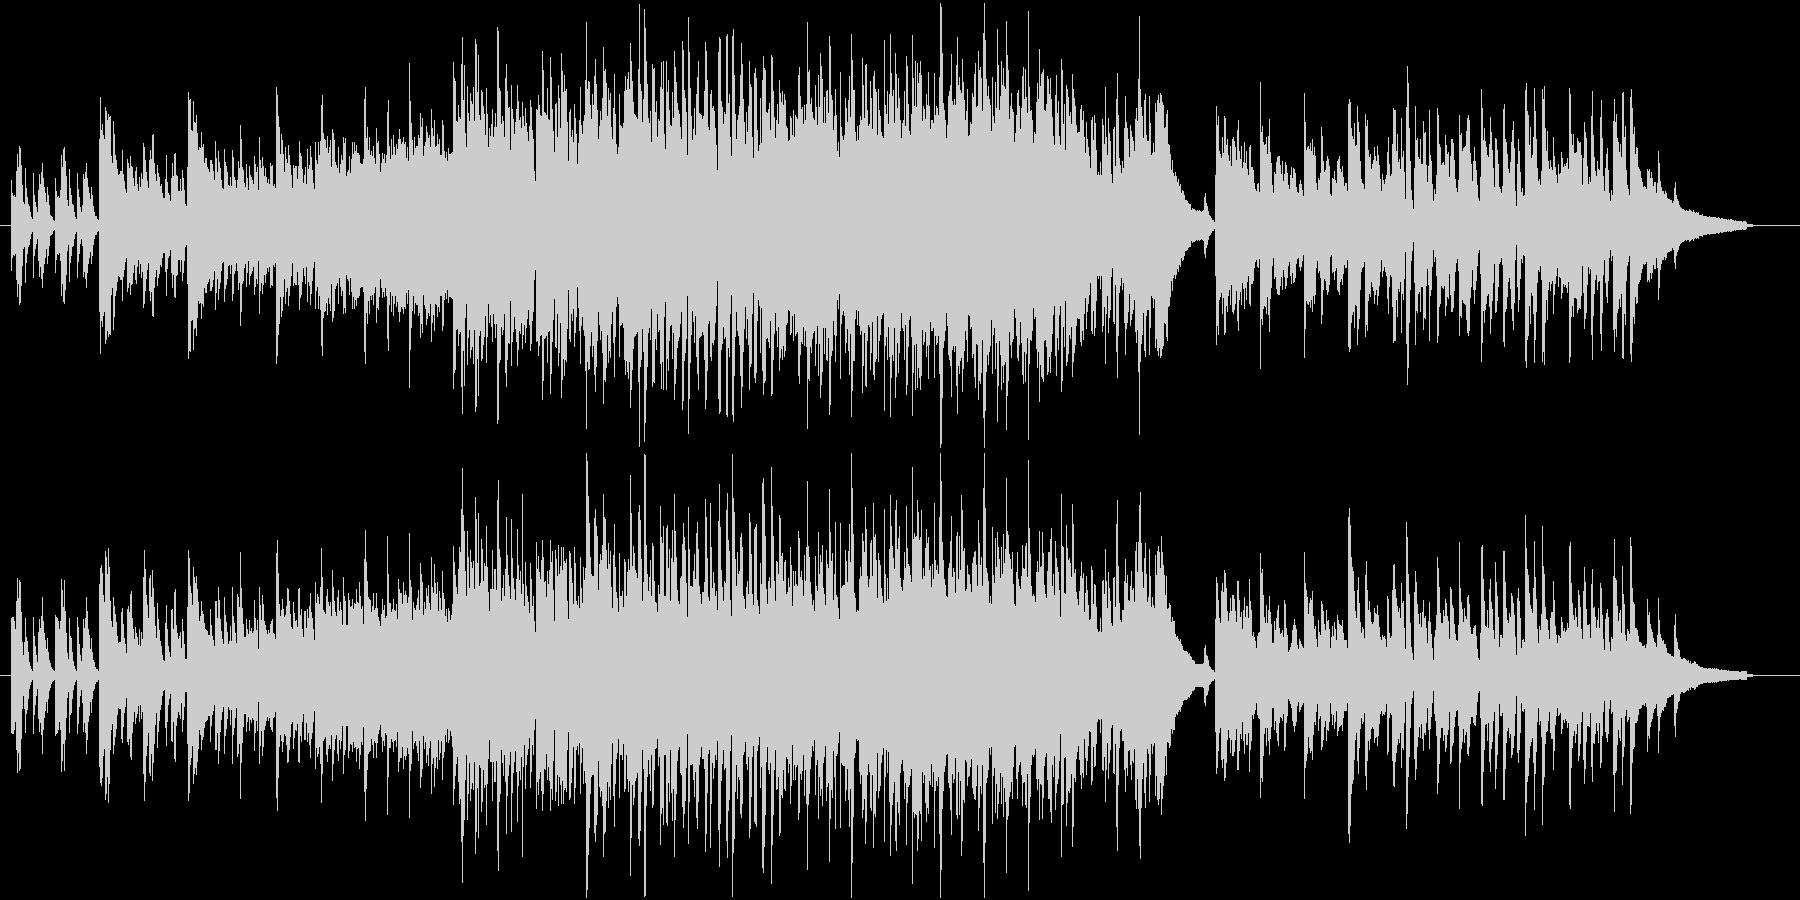 夕焼けイメージのカッコイイジャズの未再生の波形